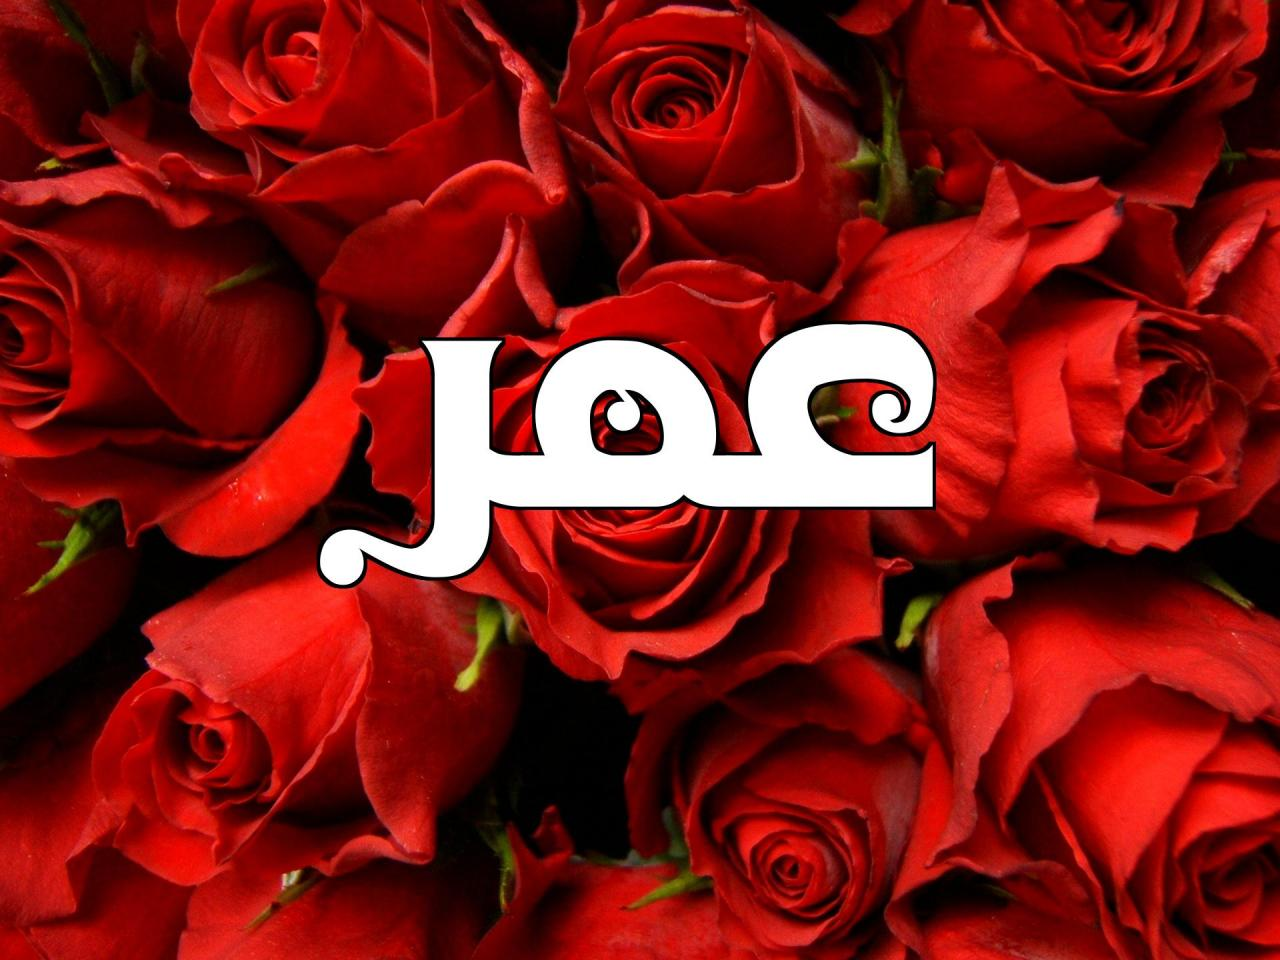 صور صور اسم عمر , اجمل اسماء الاولاد وصور جديده لايم عمر